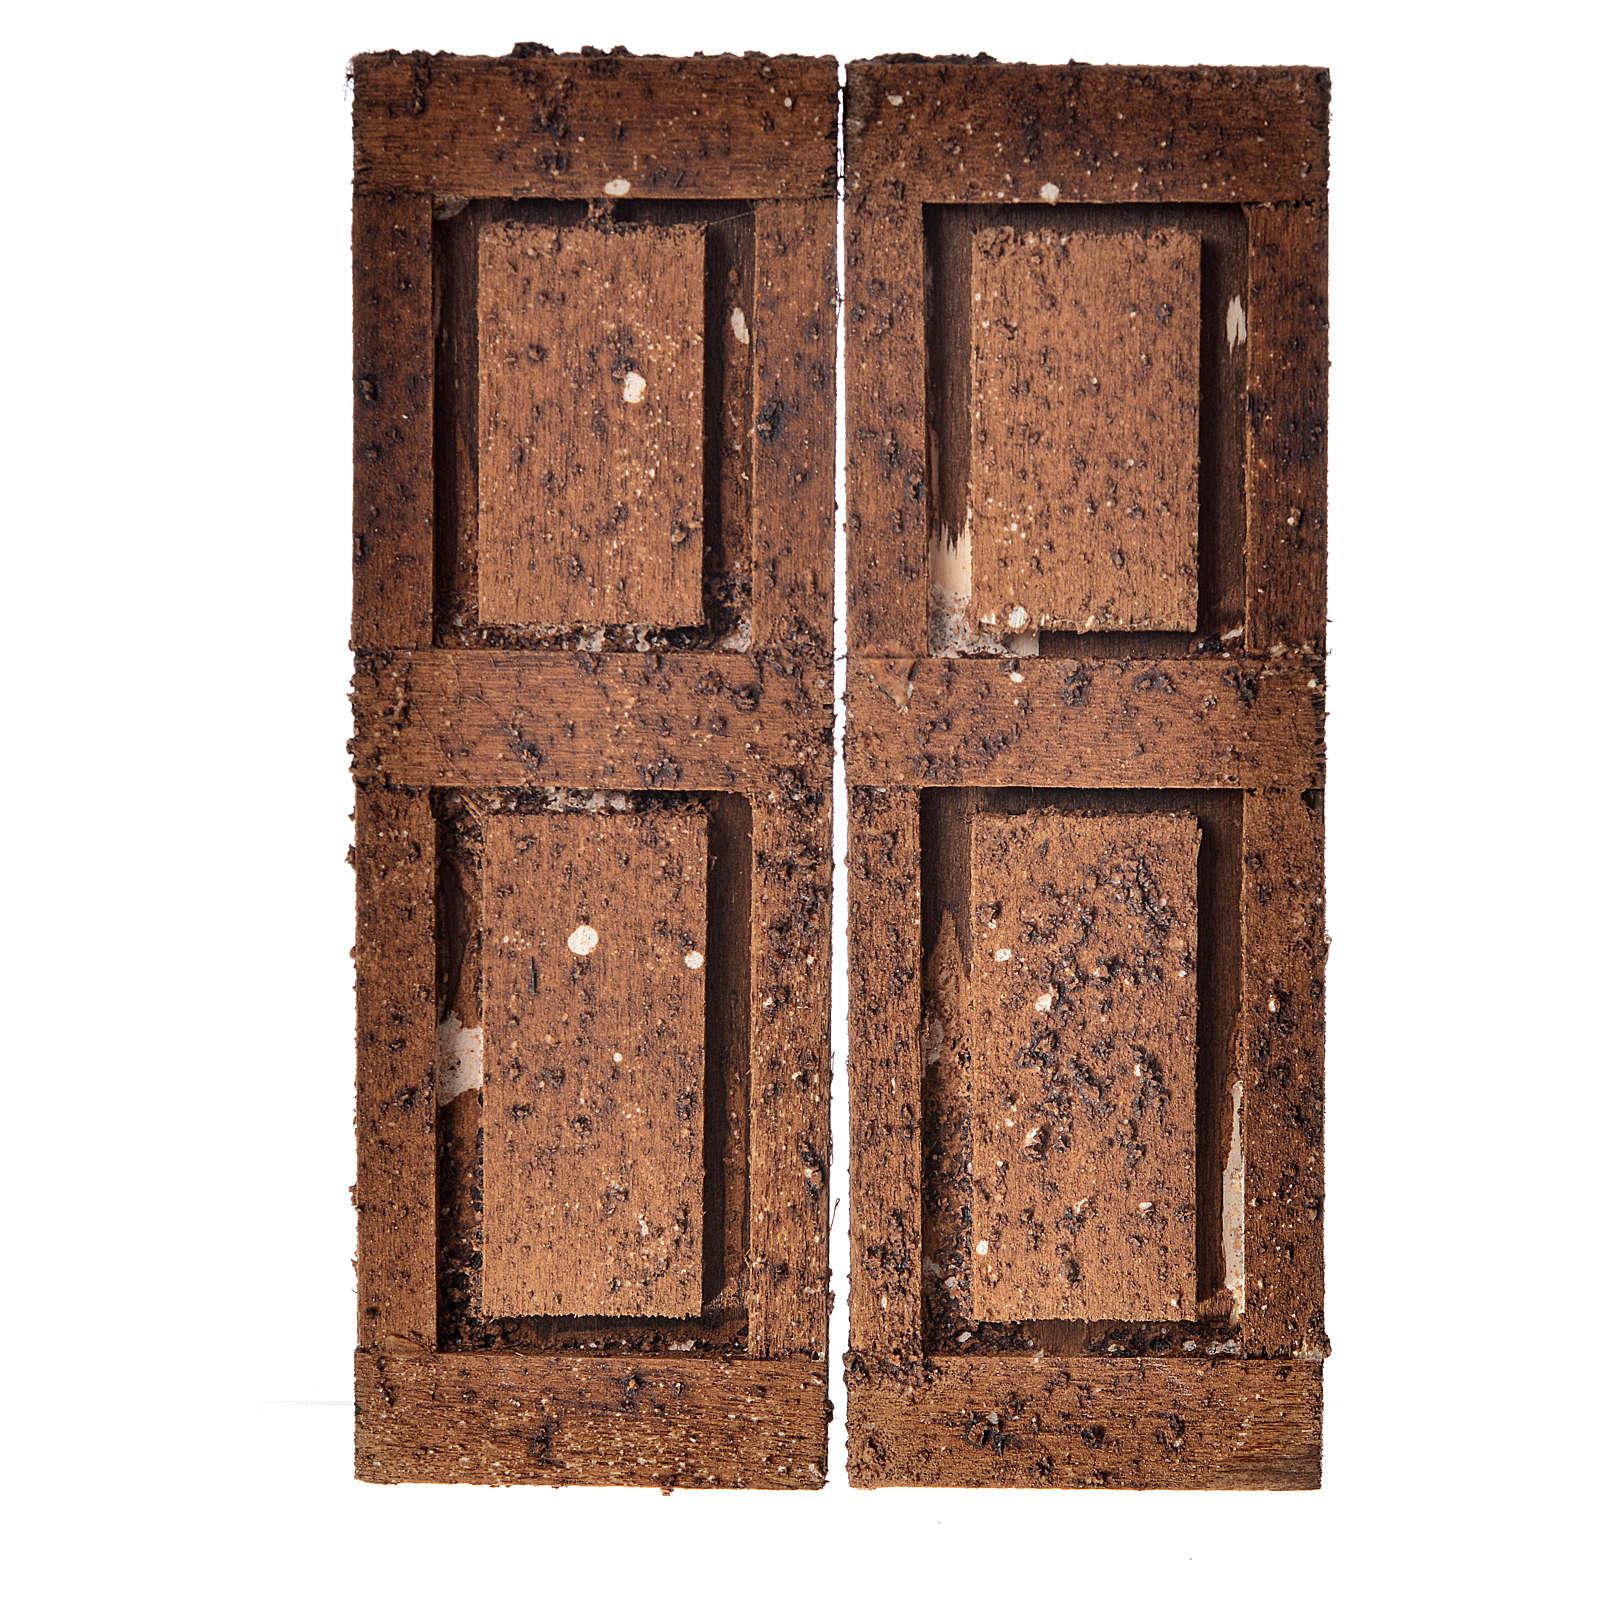 Porta tisane fai da te best tisane profumate con le spezie with porta tisane fai da te toolbox - Porta tisane fai da te ...